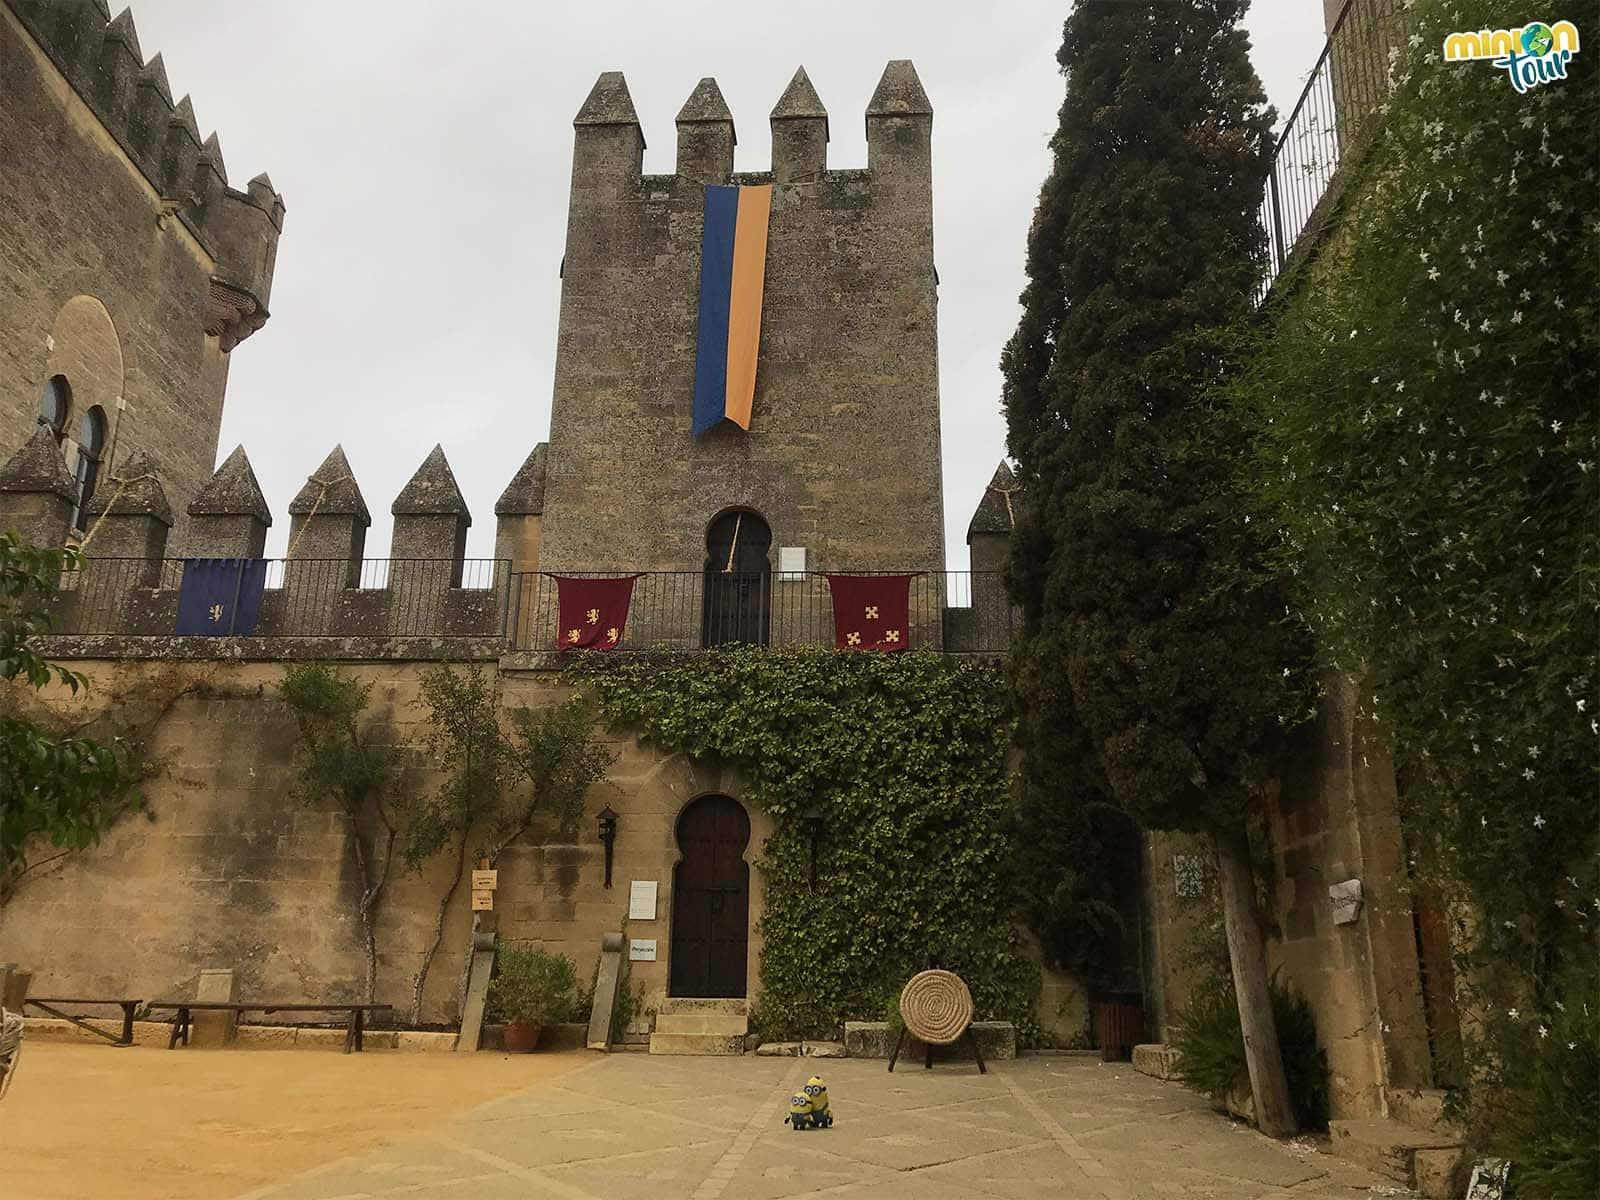 Uno de los patios del castillo